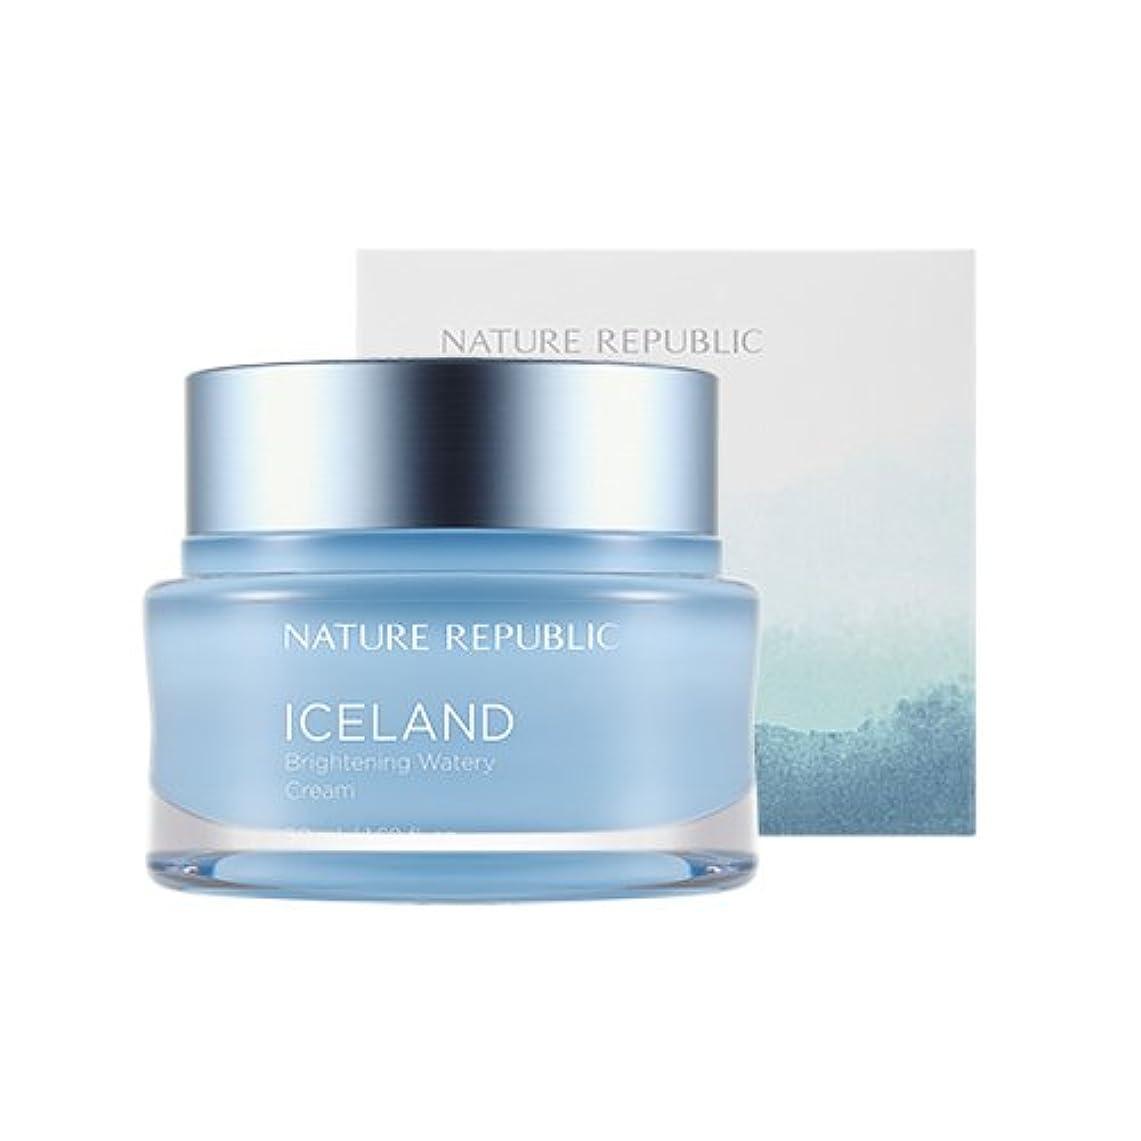 包帯空気サンダーNature Republic Iceland Brightening Watery Cream 50ml / ネイチャーリパブリック アイスランドランドブライトニング水分クリーム 50ml [並行輸入品]